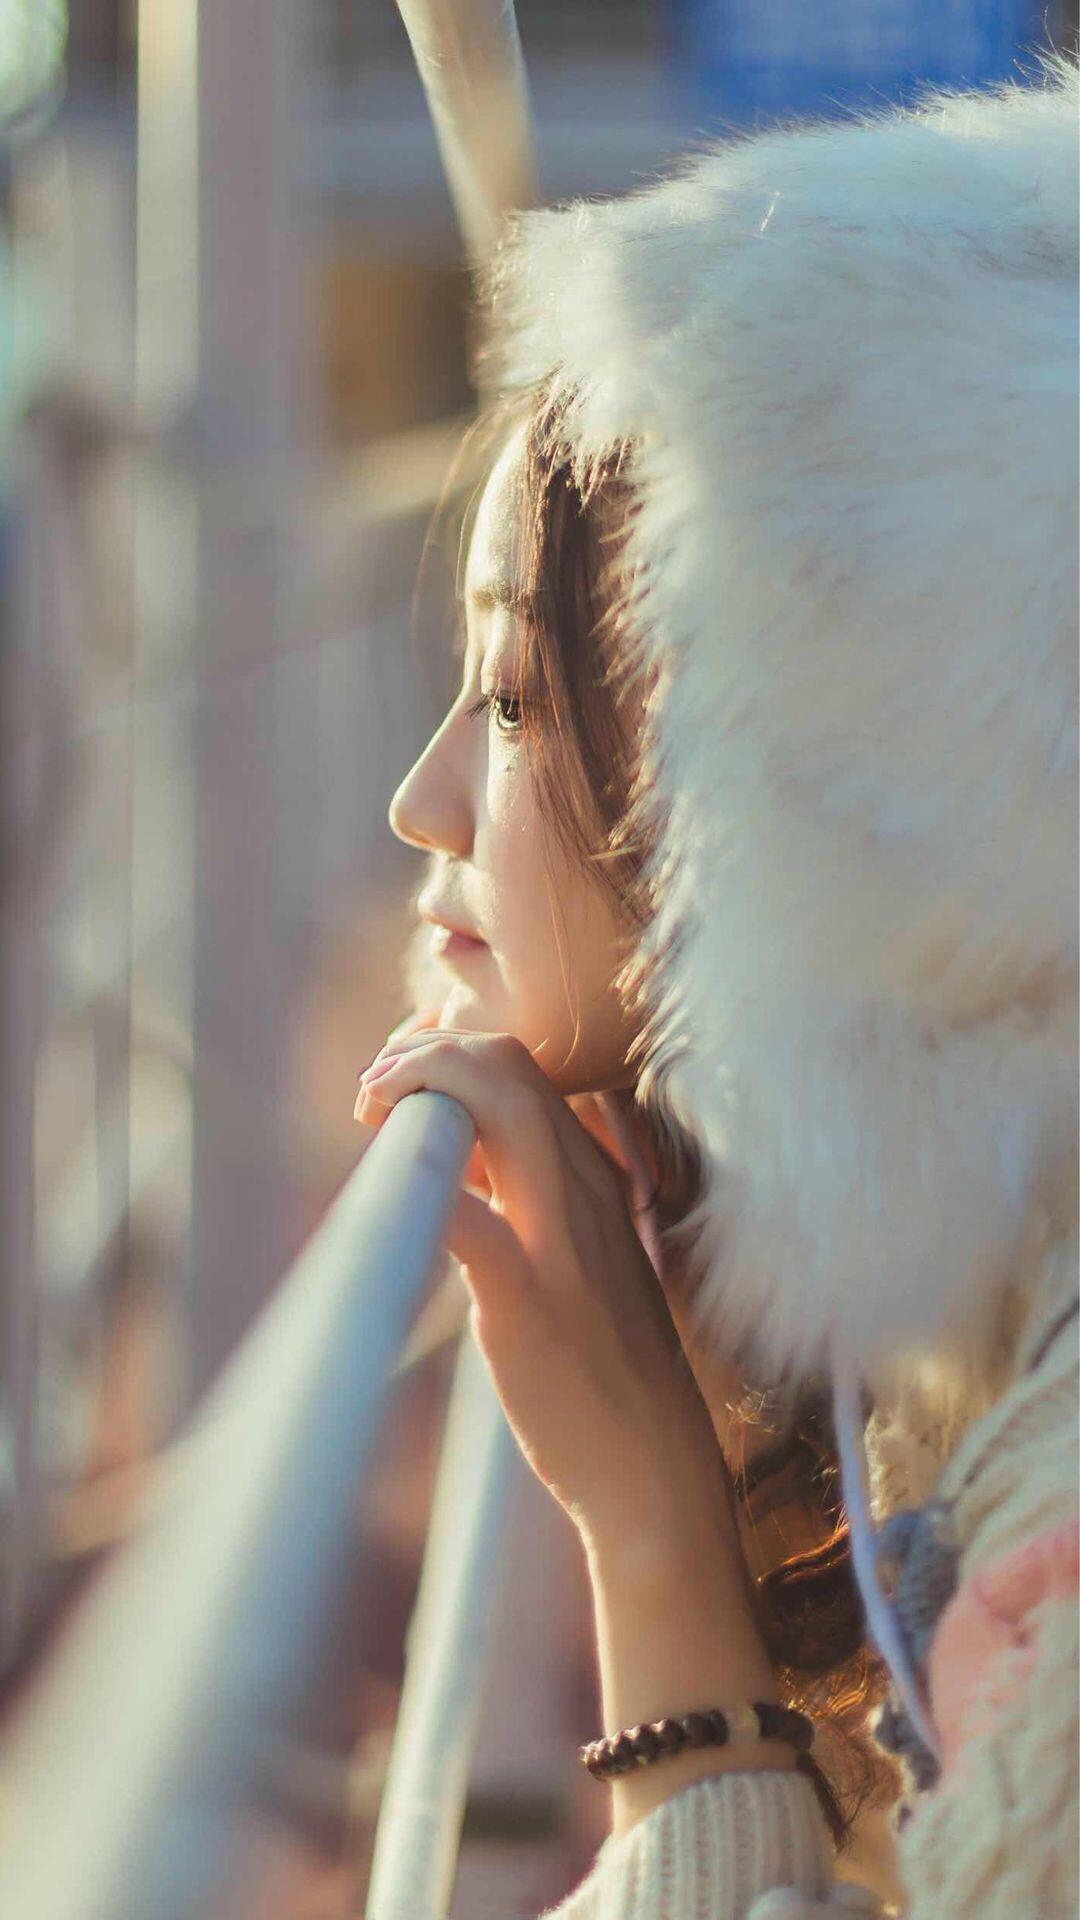 站在海边的气质美女高清唯美户外街拍手机壁纸